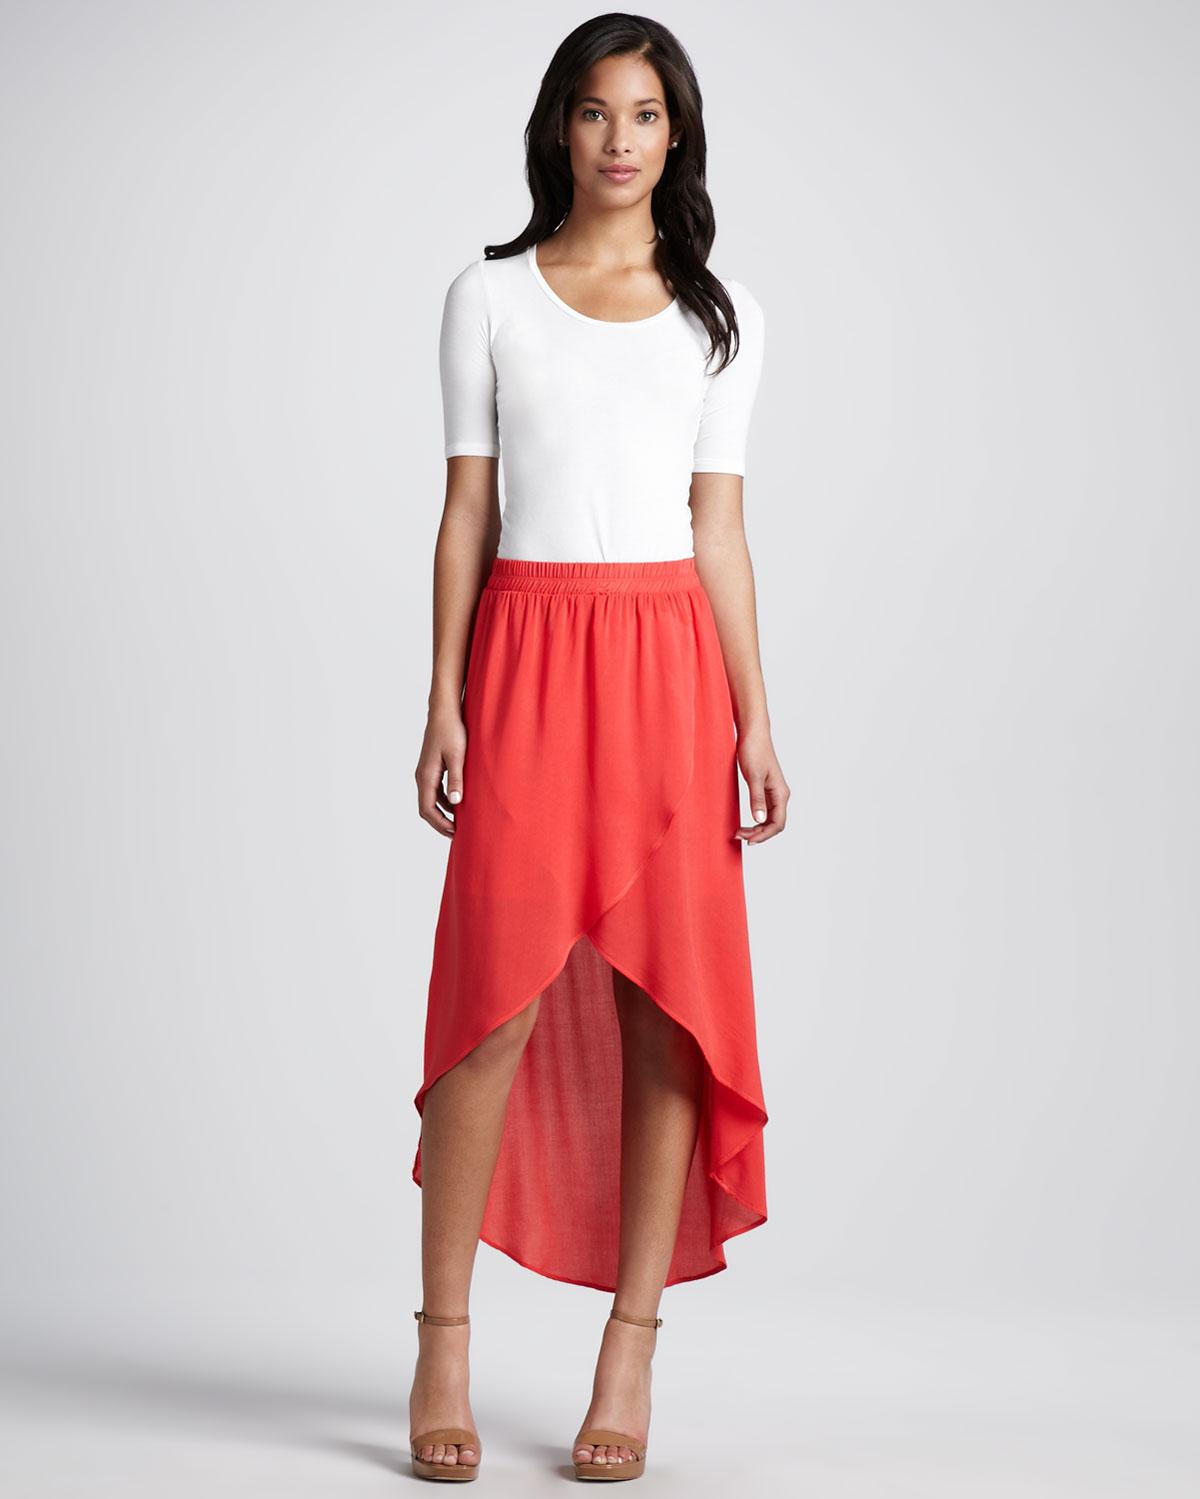 Red Flowy Skirt Redskirtz